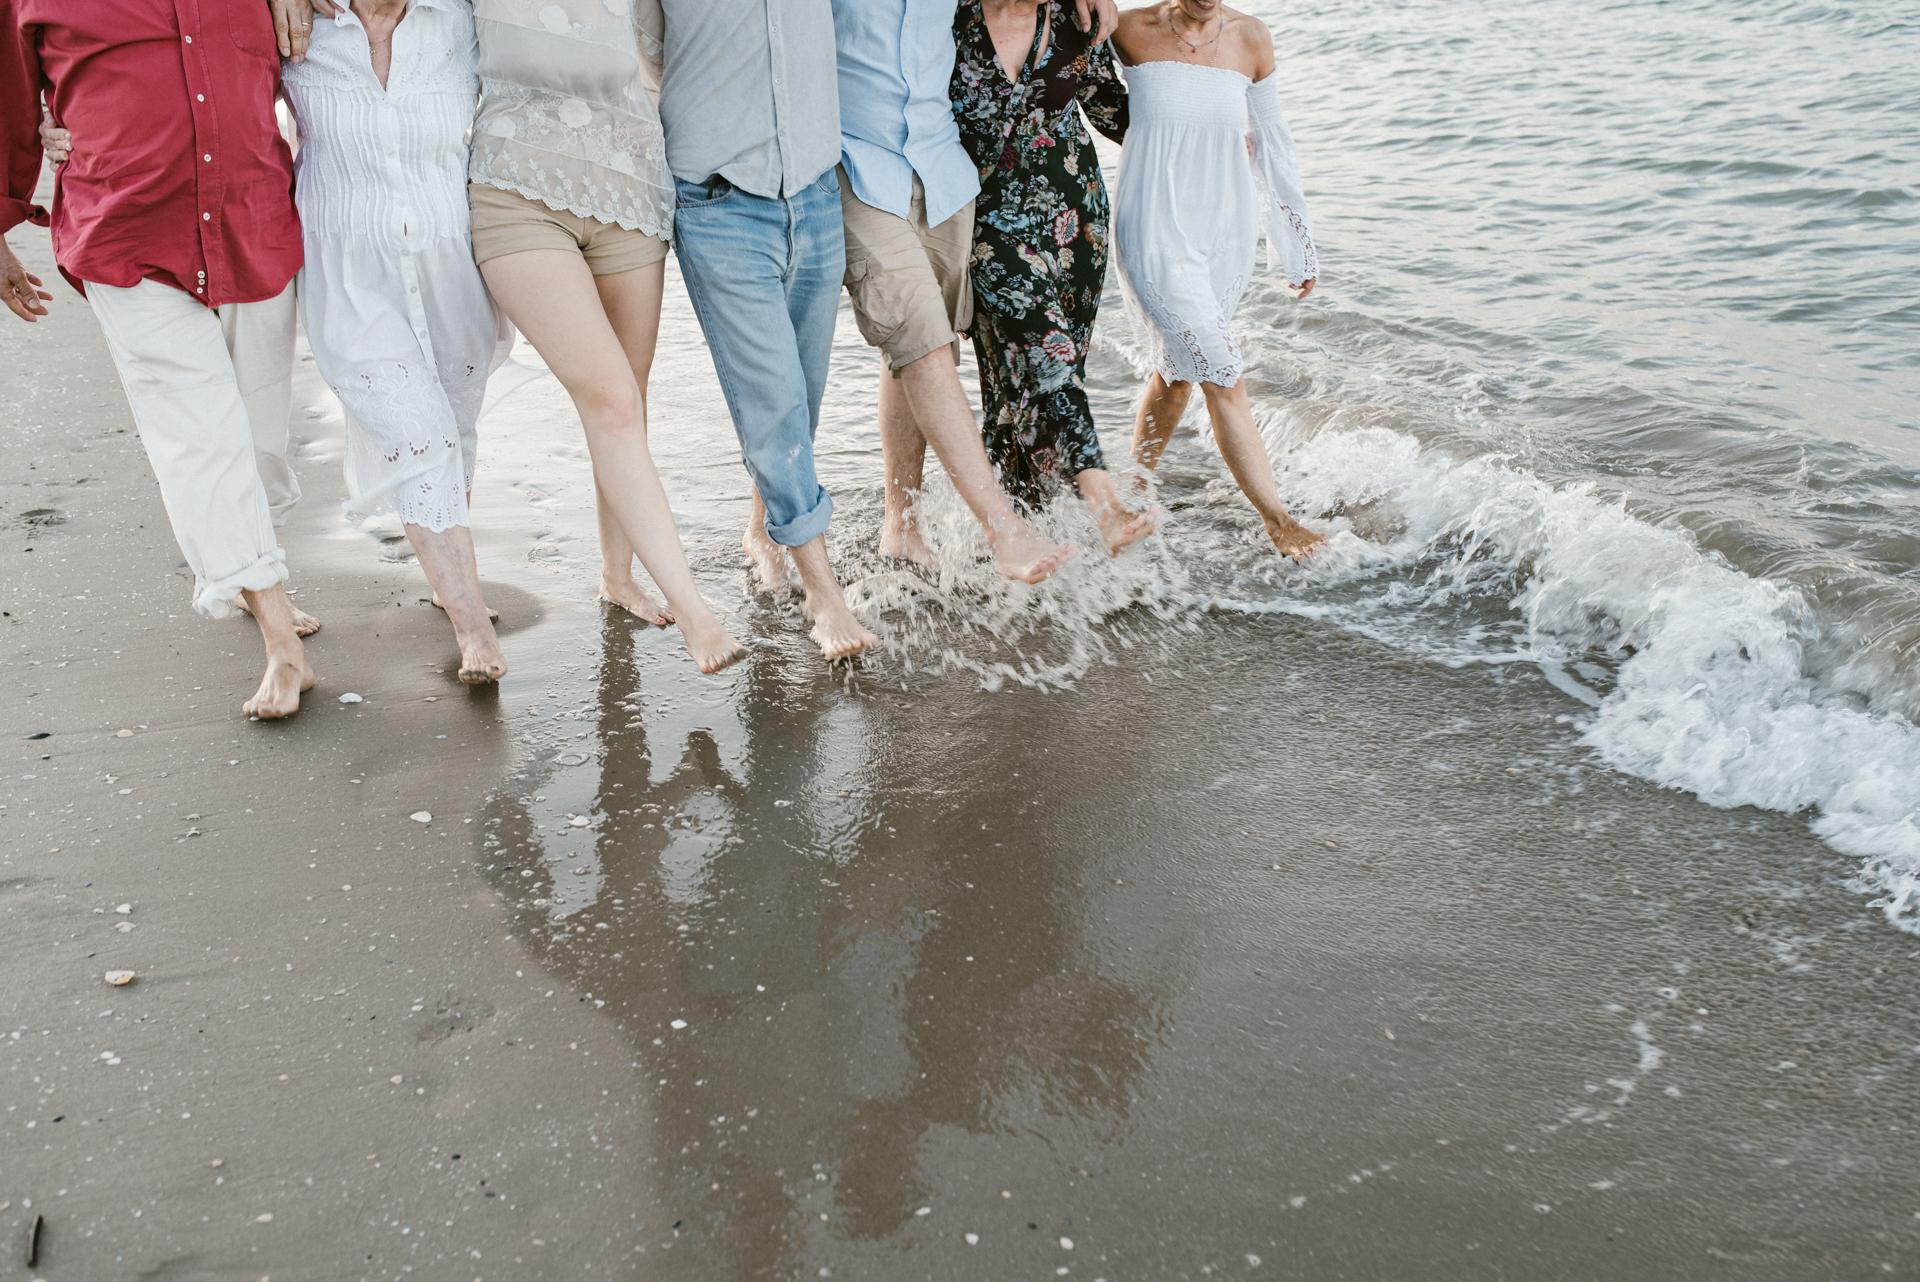 fotografa-famiglia-mare-15